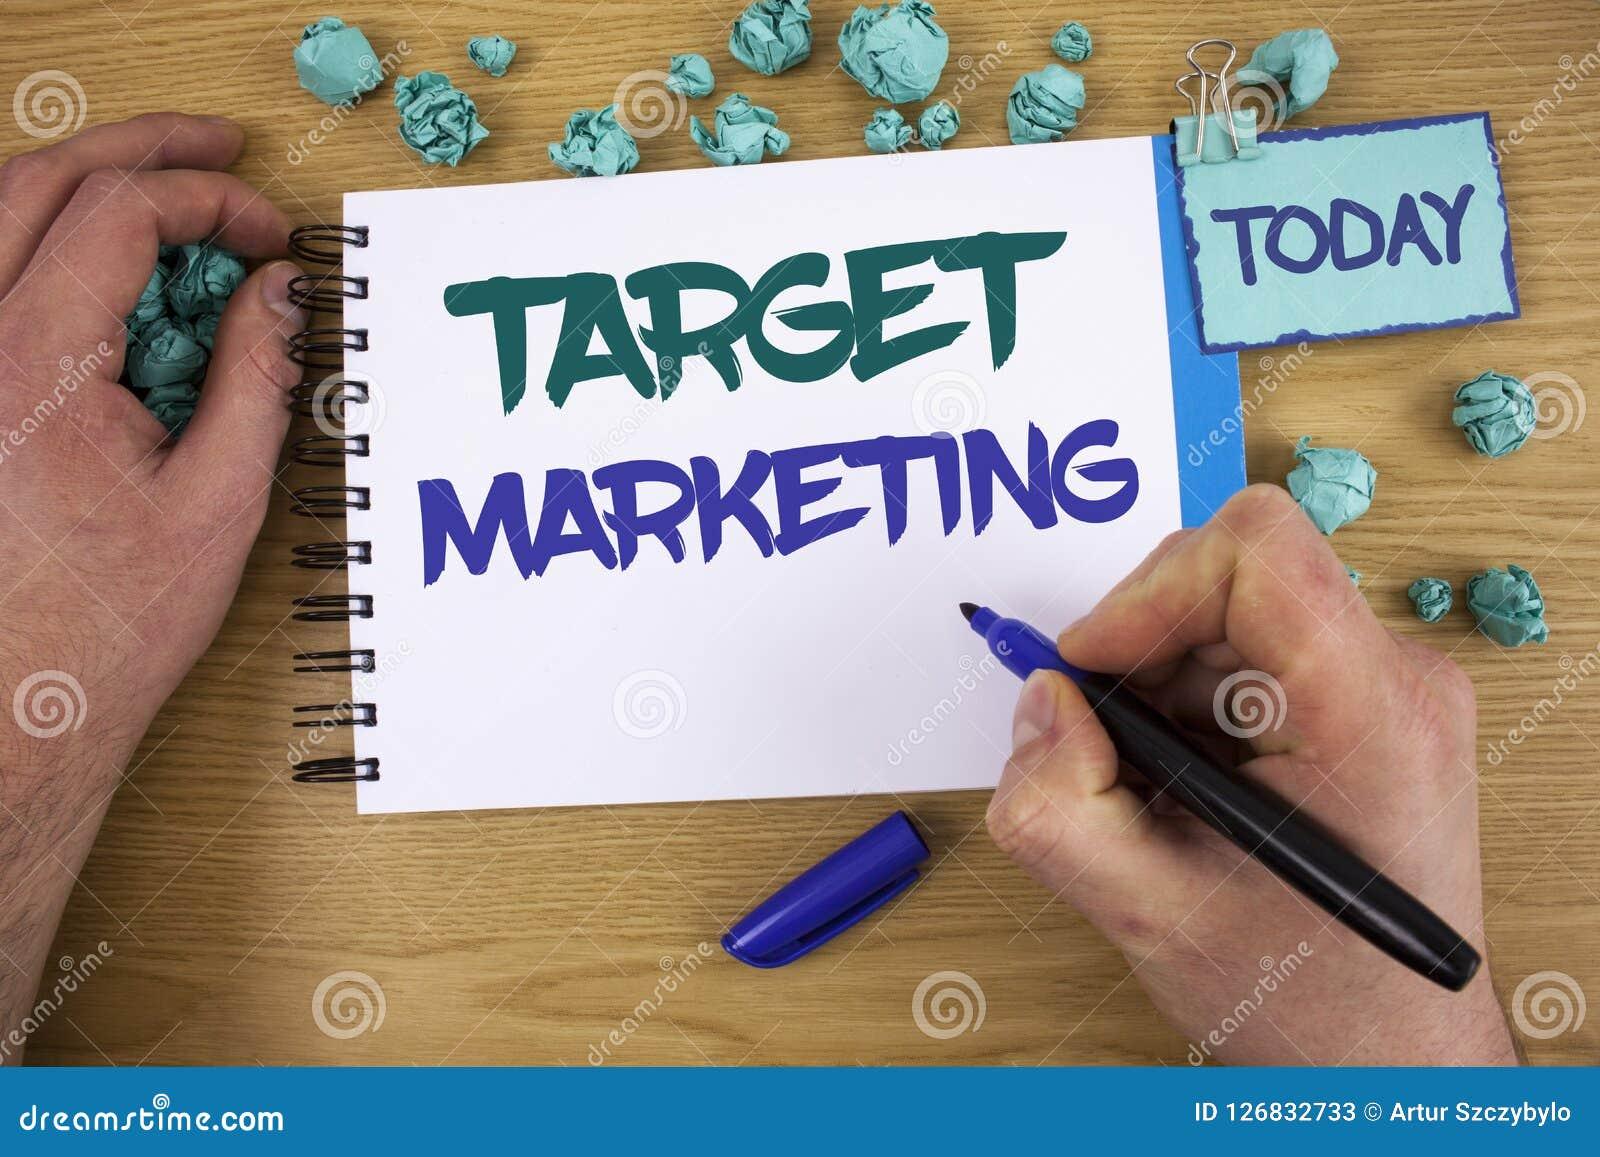 Pisać nutowym pokazuje celu marketingu Biznesowa fotografia pokazuje Targowej członowości widowni Celuje klienta wyboru tekst tw